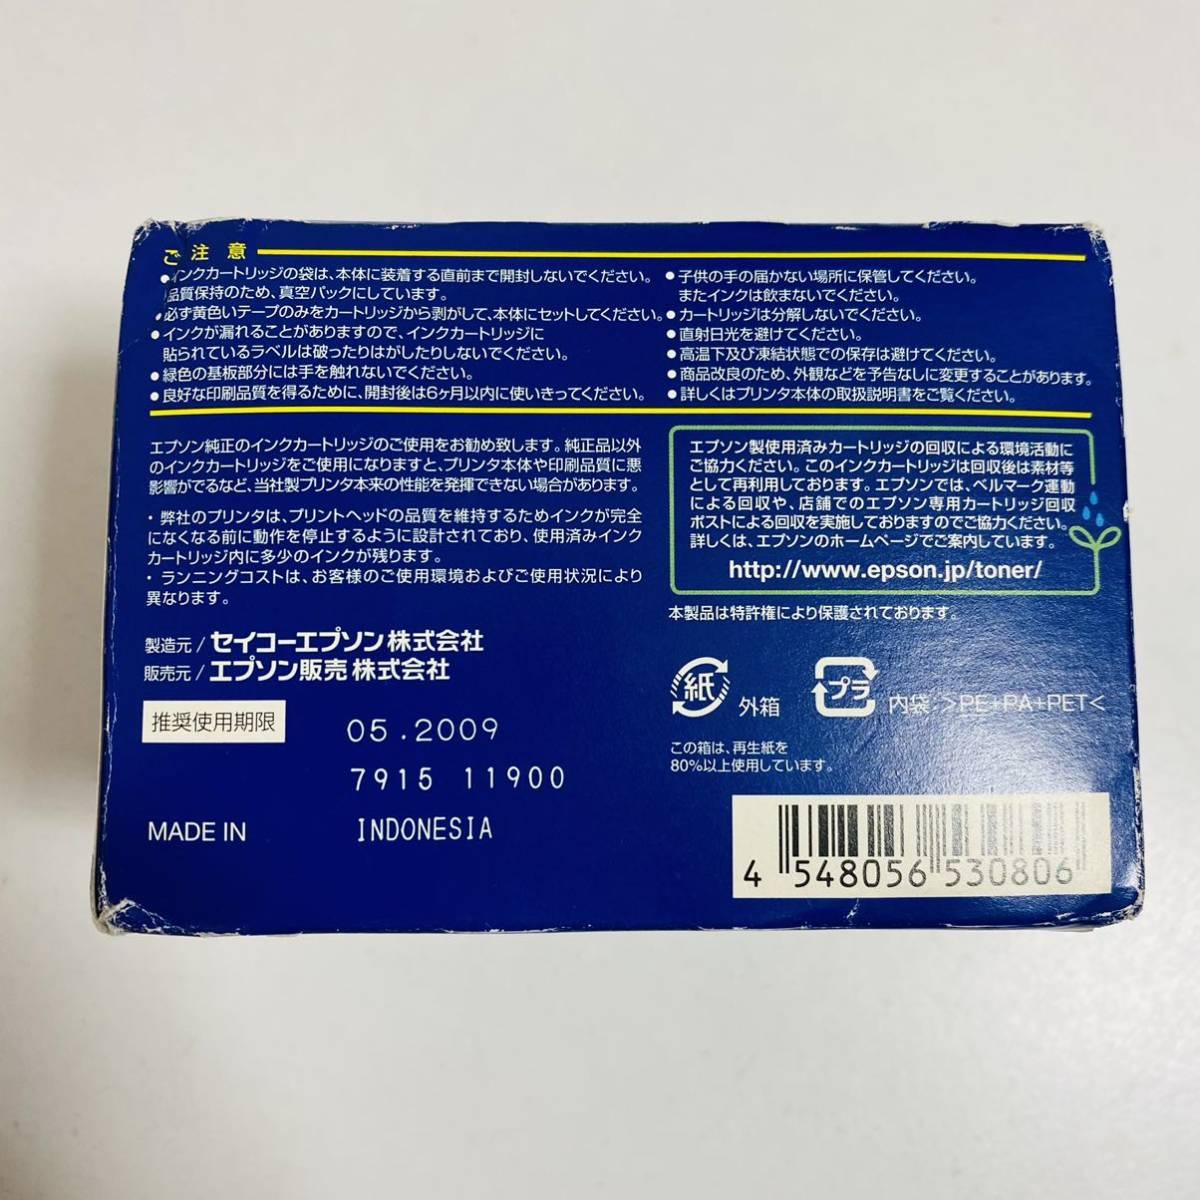 【未開封品】EPSON エプソン 純正インクカートリッジ 6色パック IC6CL50 期限切れ_画像3